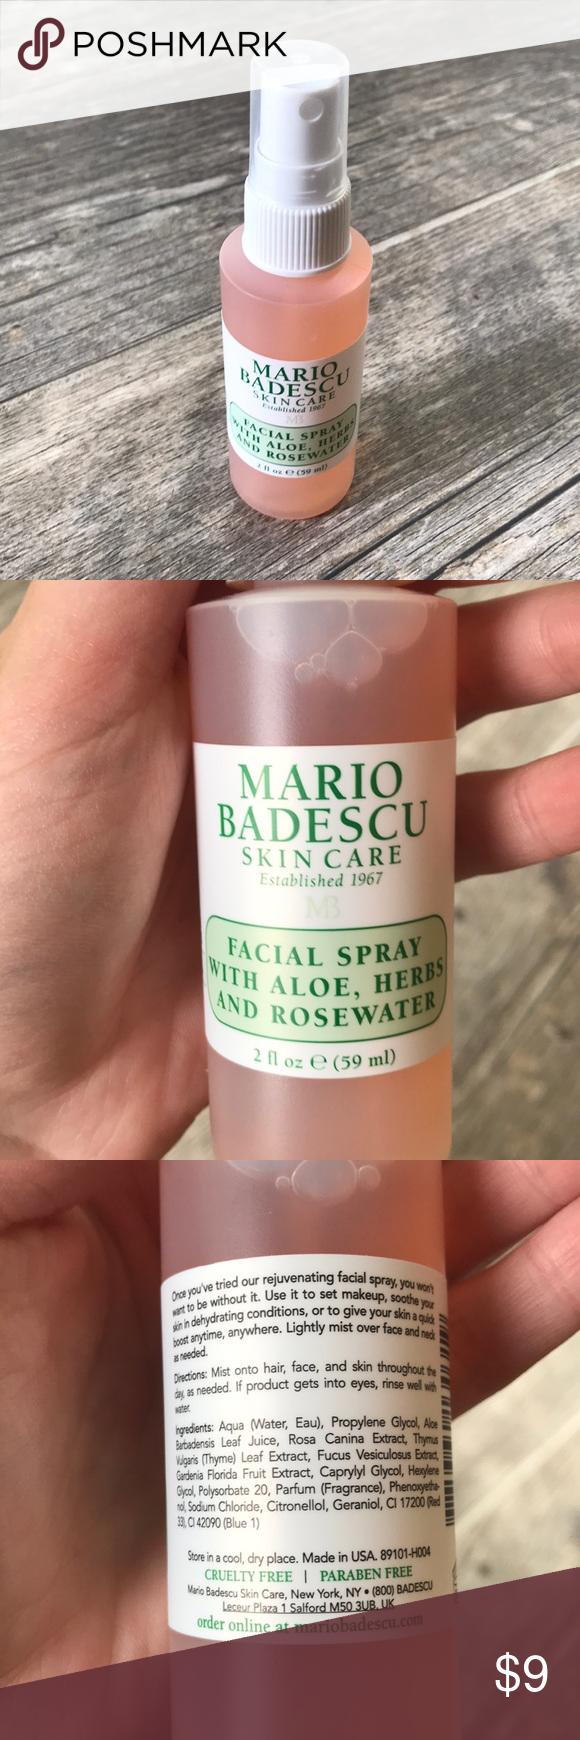 Mario Badescu Facial Spray Mario Badescu Facial Spray With Aloe